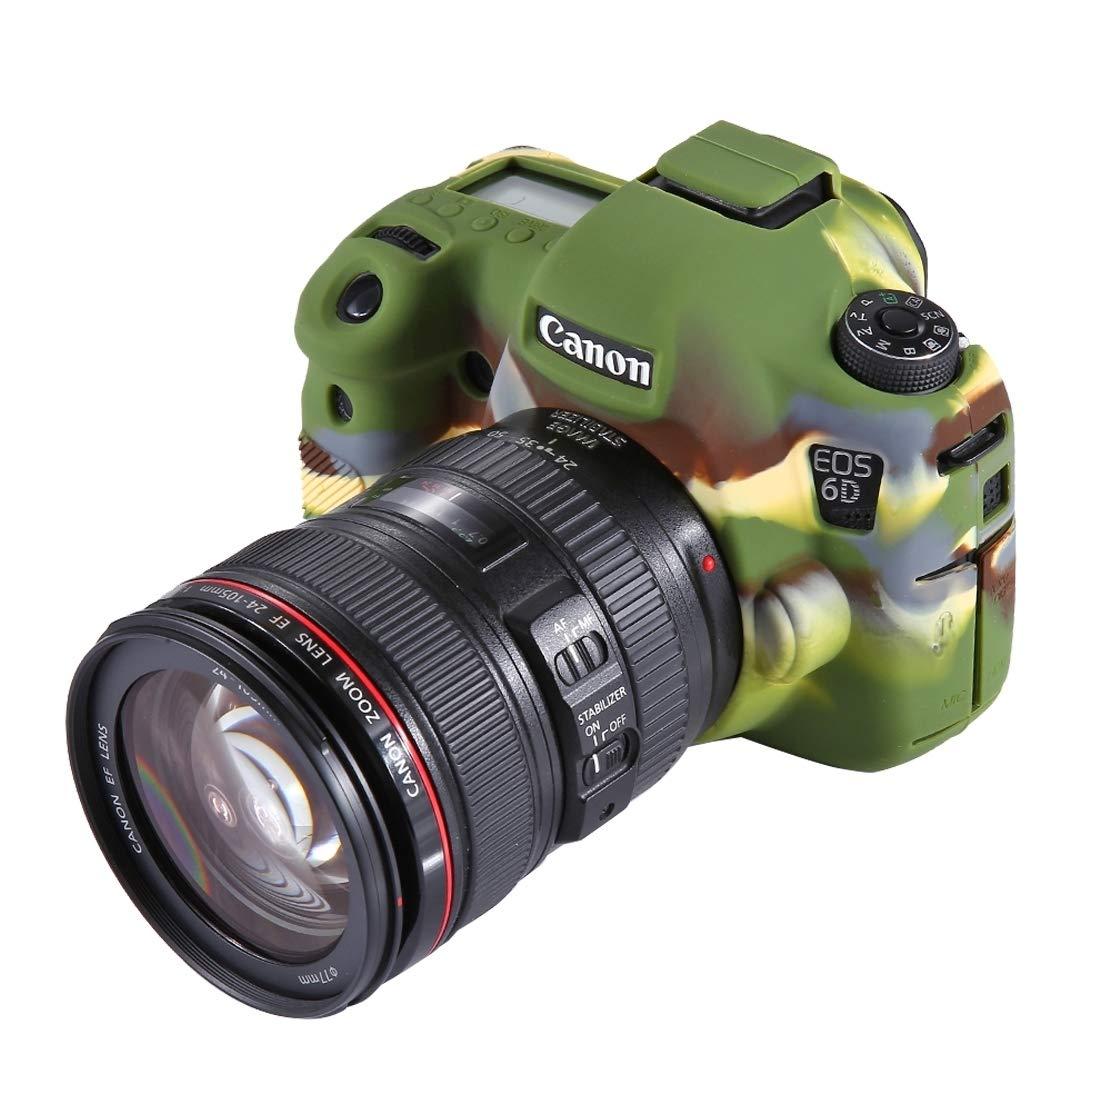 カメラケース ソフトシリコン保護ケース Canon EOS 6D用 (サイズ : Pu7101a)   B07MTCX3DZ